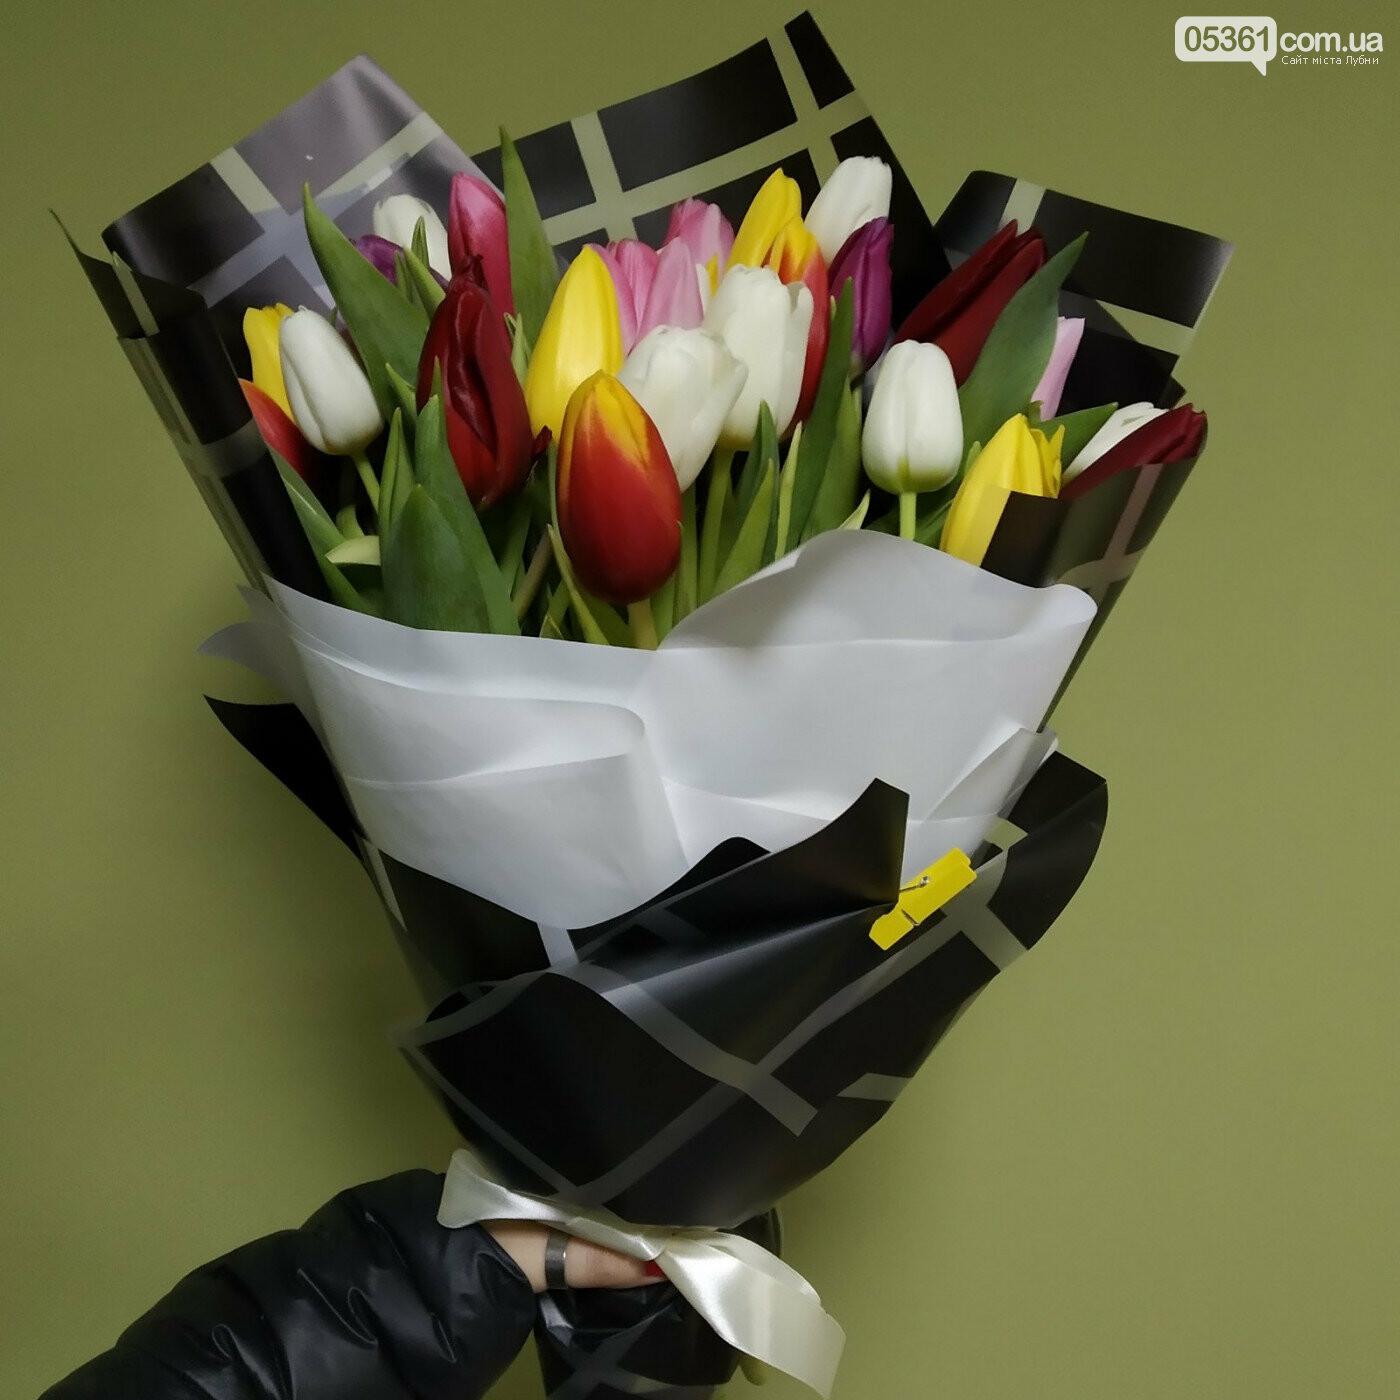 Свято весни: що подарувати та куди піти відпочити, фото-3